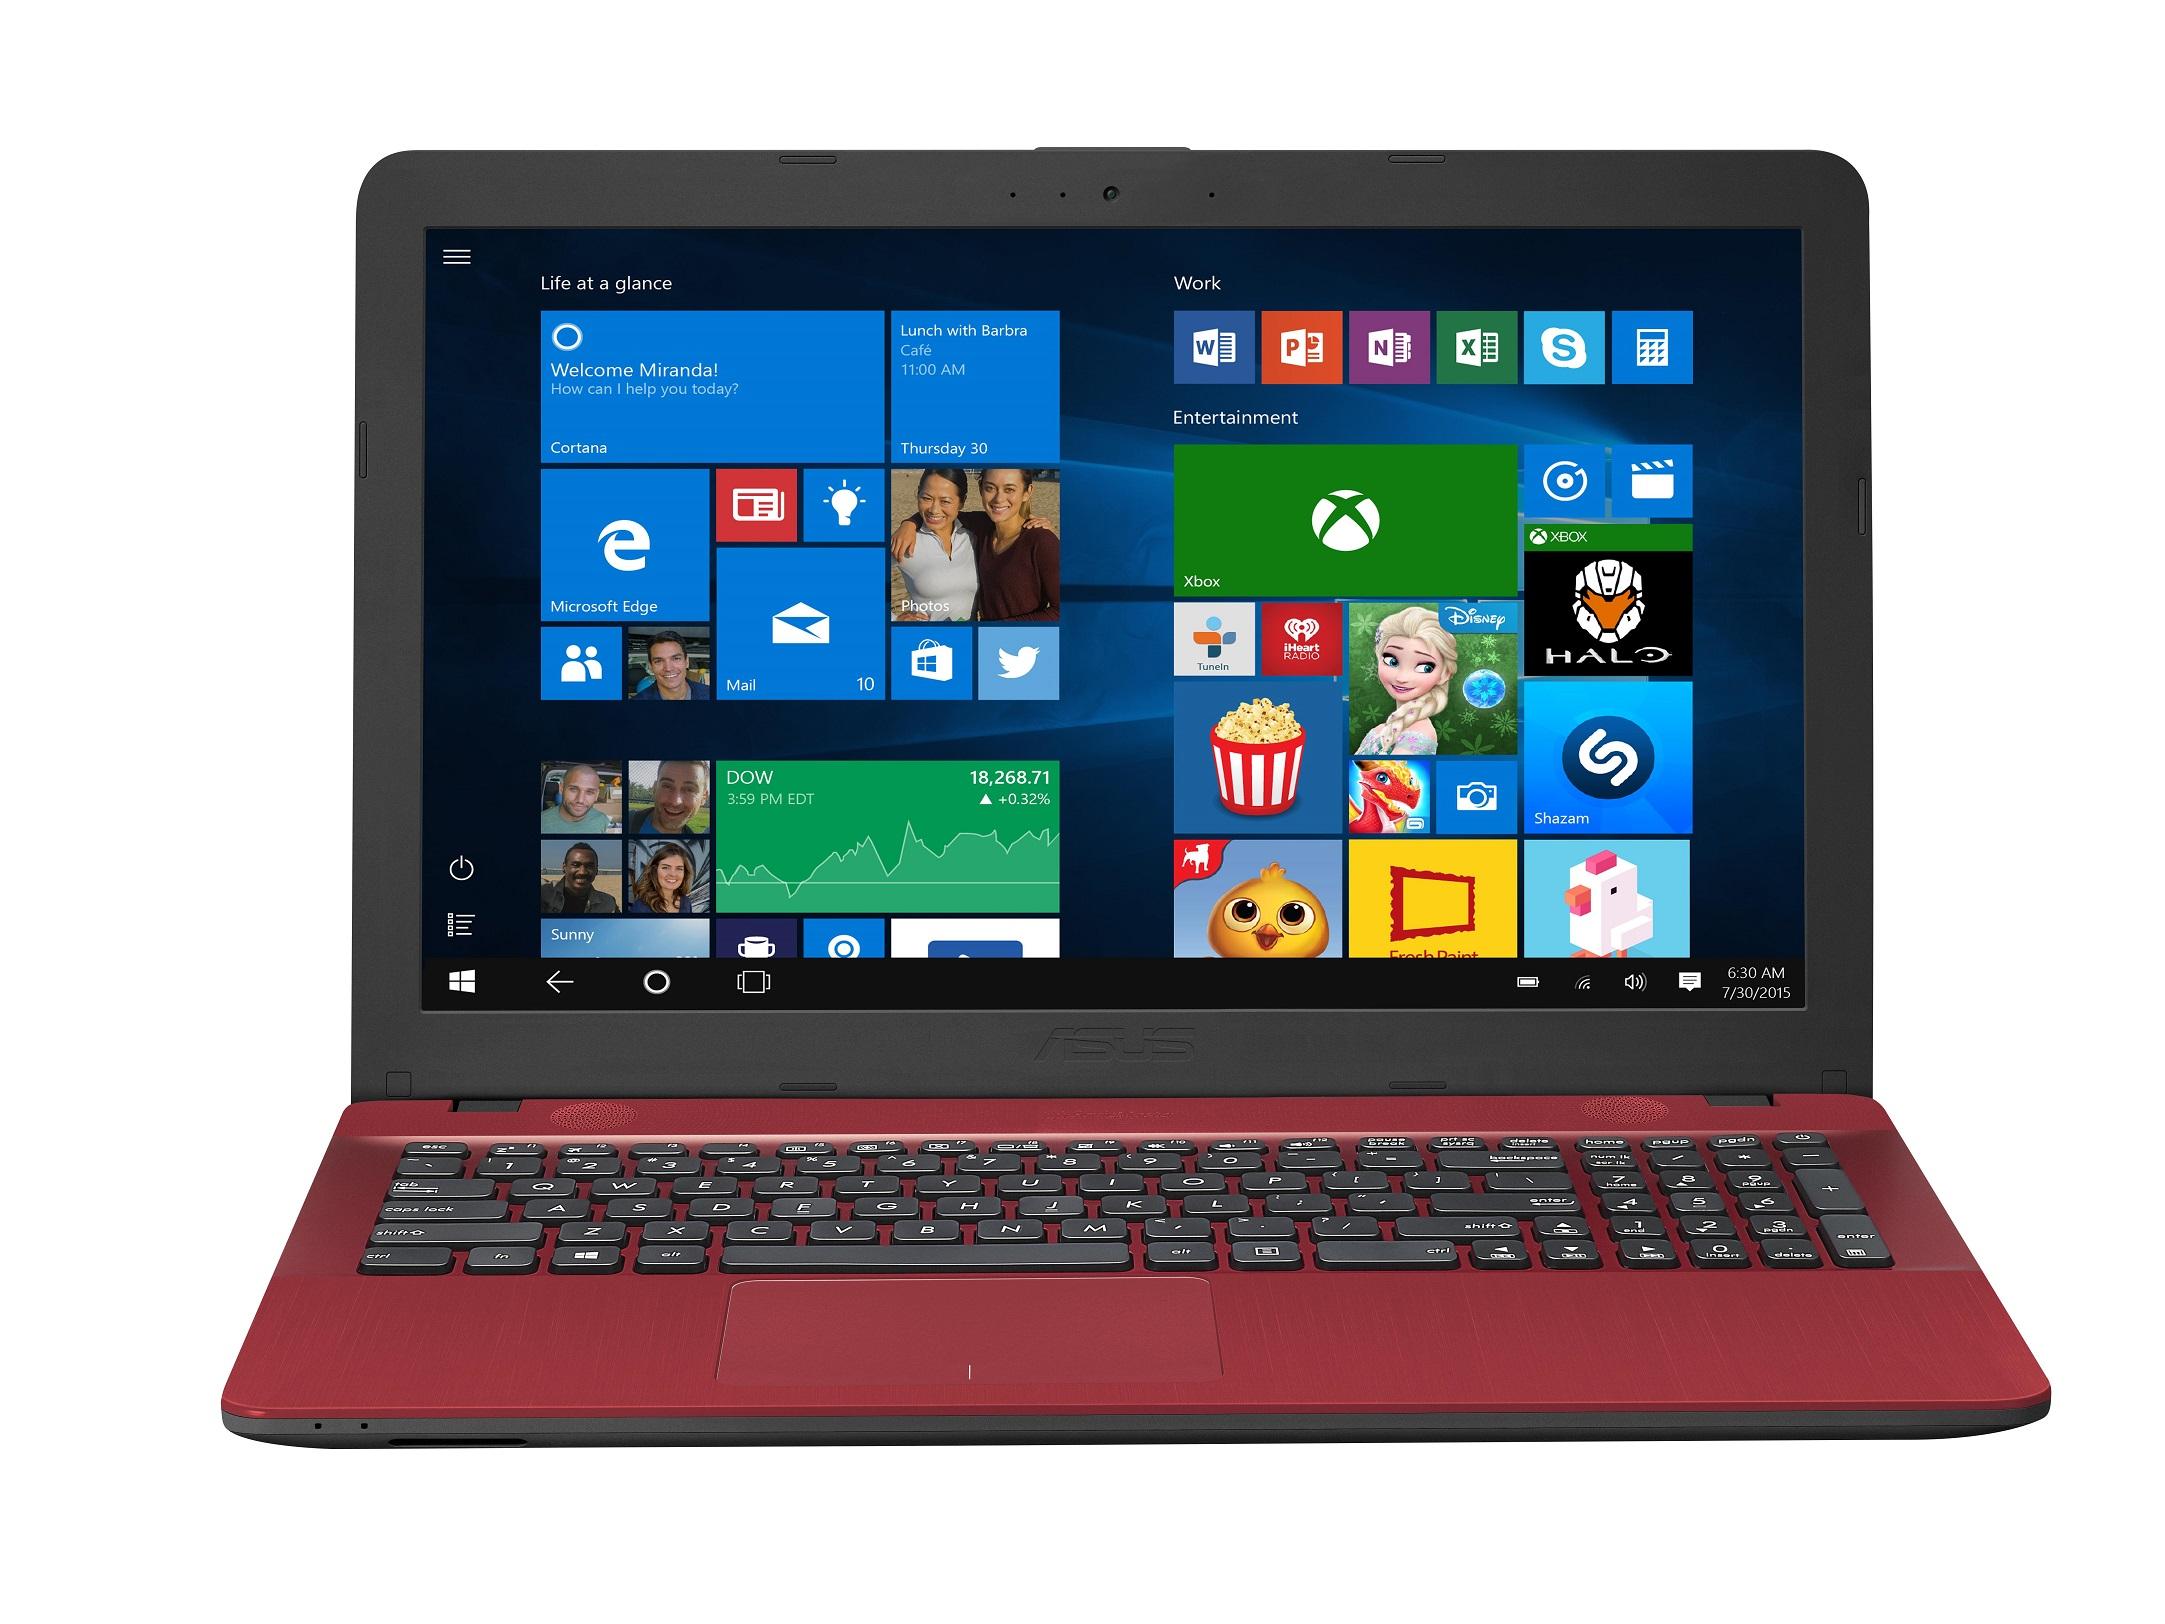 Notebook Asus X541NA 15.6 HD Intel Celeron N3350 RAM 4GB HDD 500GB Endless OS Rosu